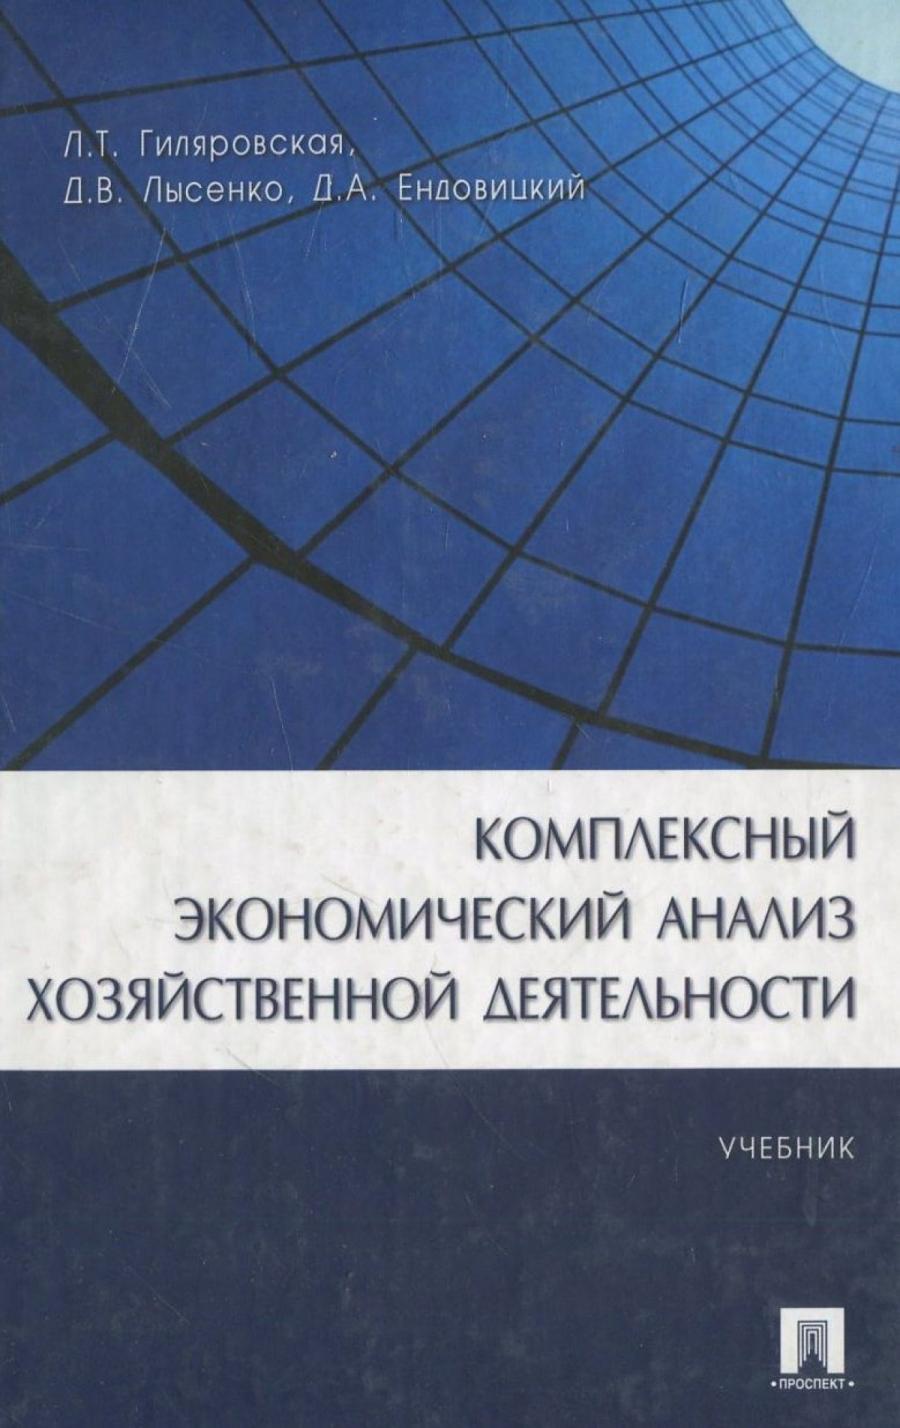 Обложка книги:  гиляровская л.т. - комплексный экономический анализ хозяйственной деятельности